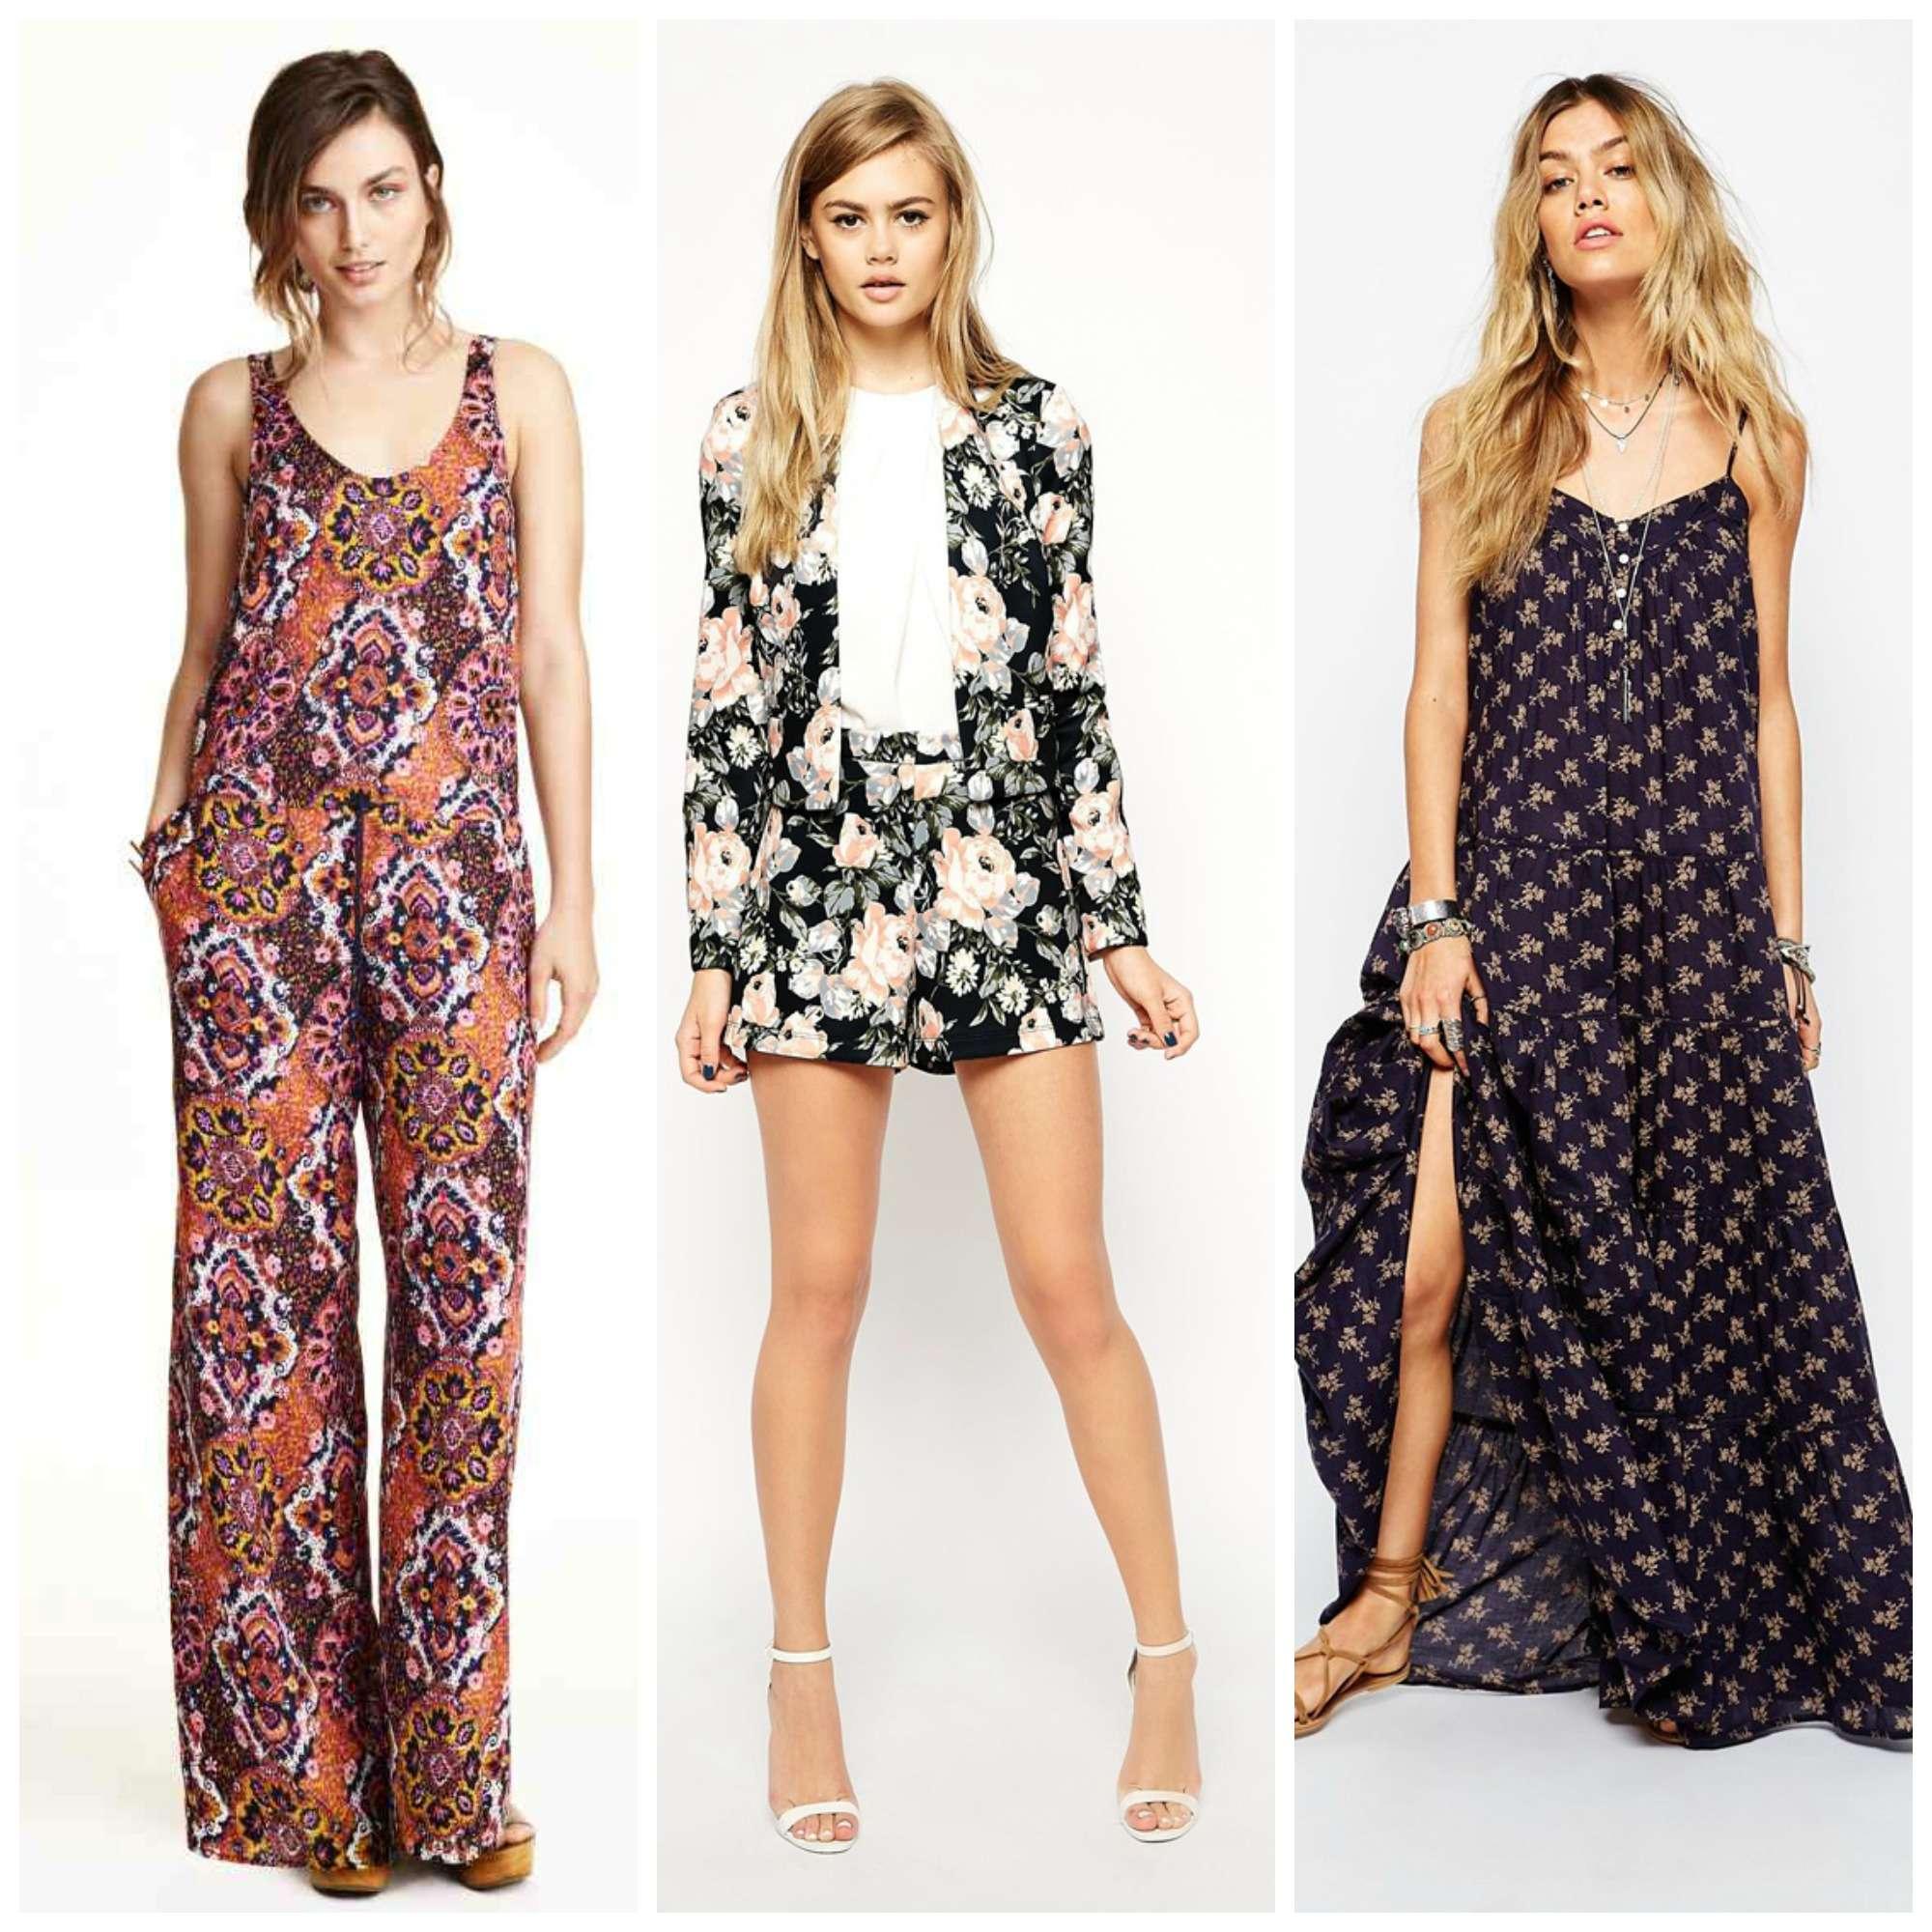 ropa de moda imprescindible verano 2015